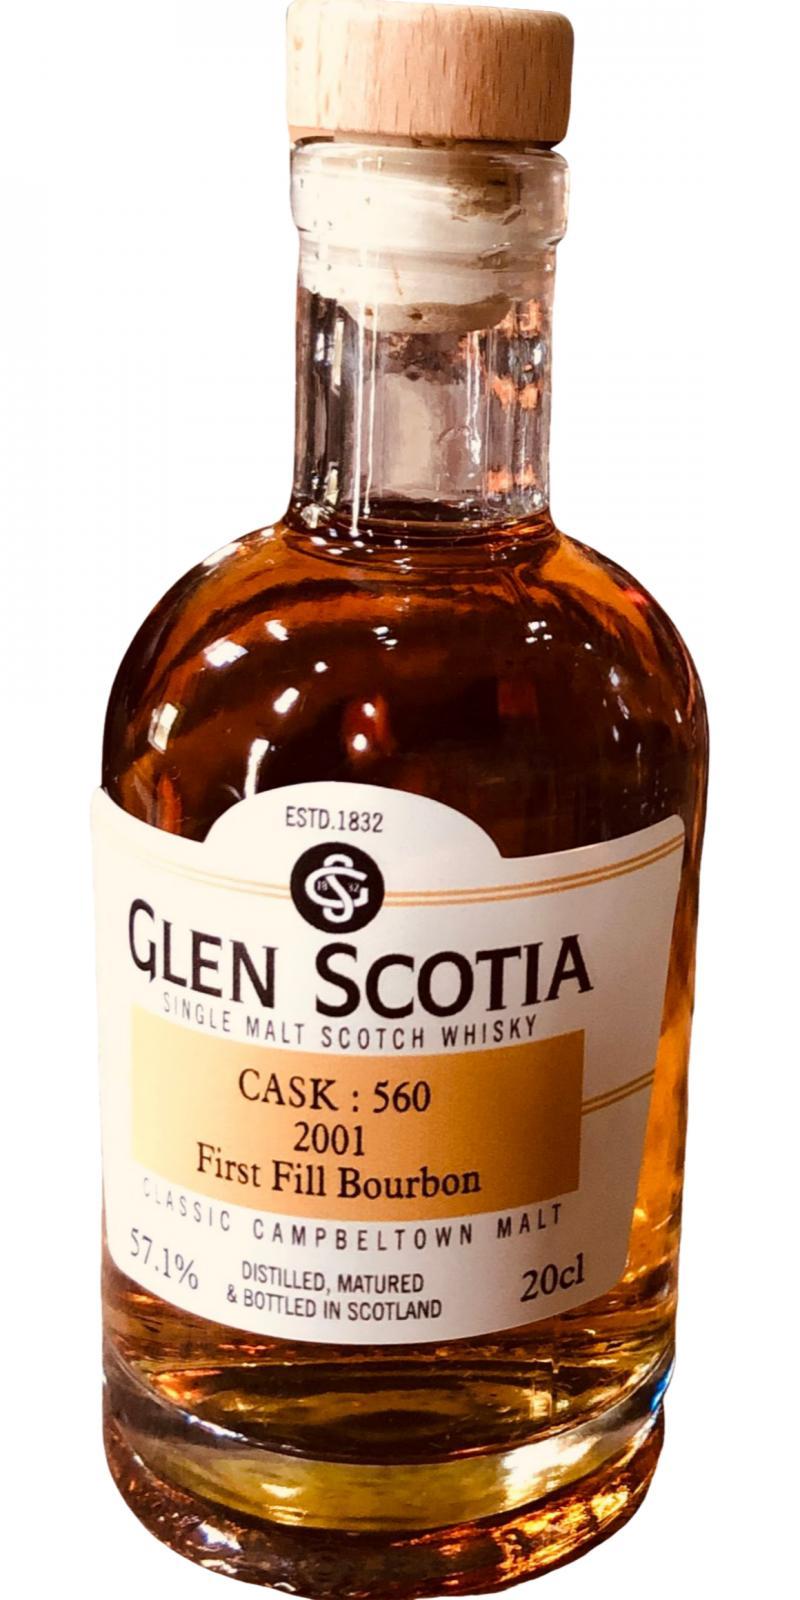 Glen Scotia 2001